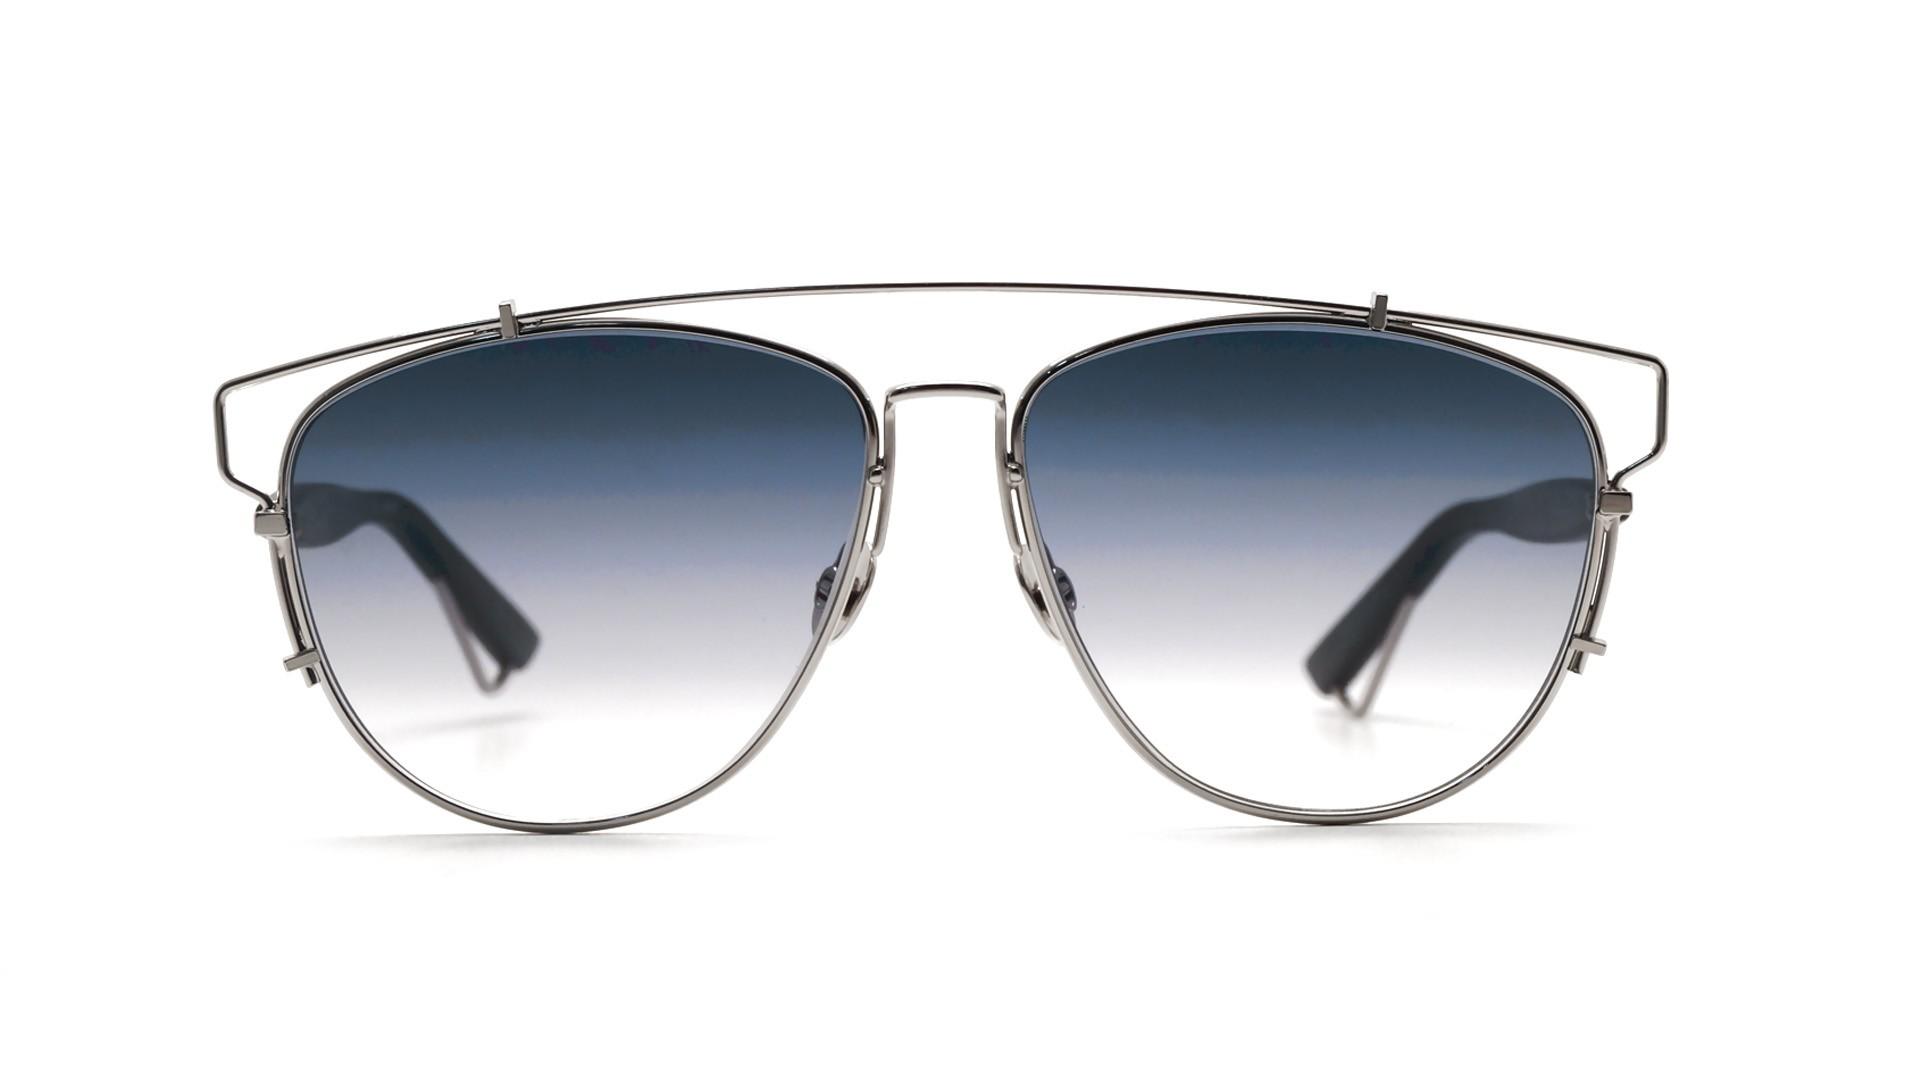 bfbd6d6f9682b Lunette de soleil dior technologic homme - Monture optique et lunette